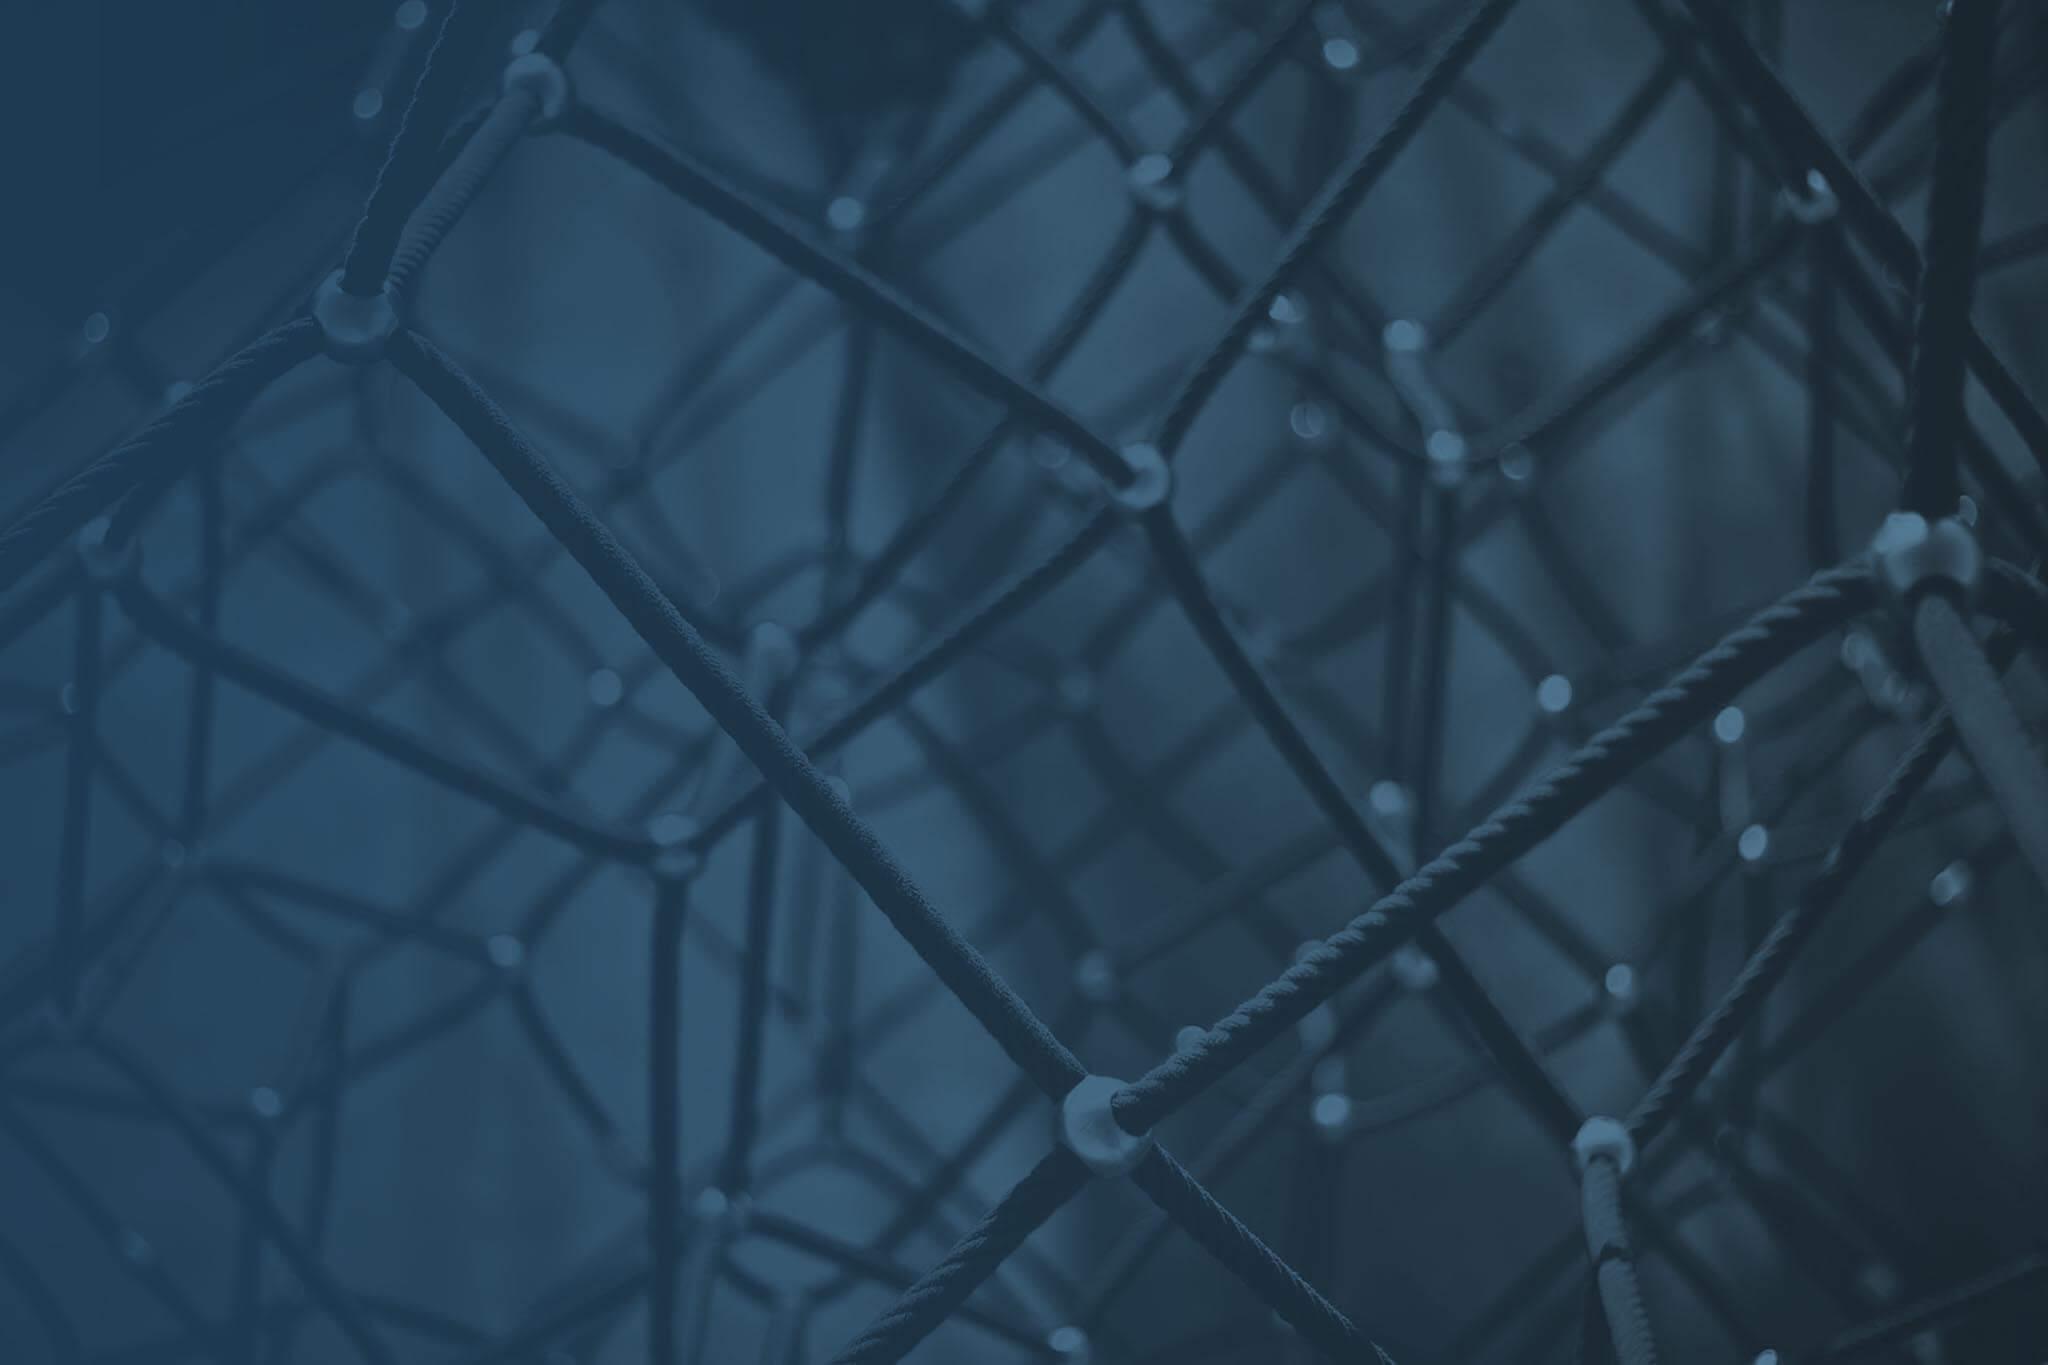 Foto: Verschiedenen miteinander verbundene Seile stellen Netzwerk und Community dar